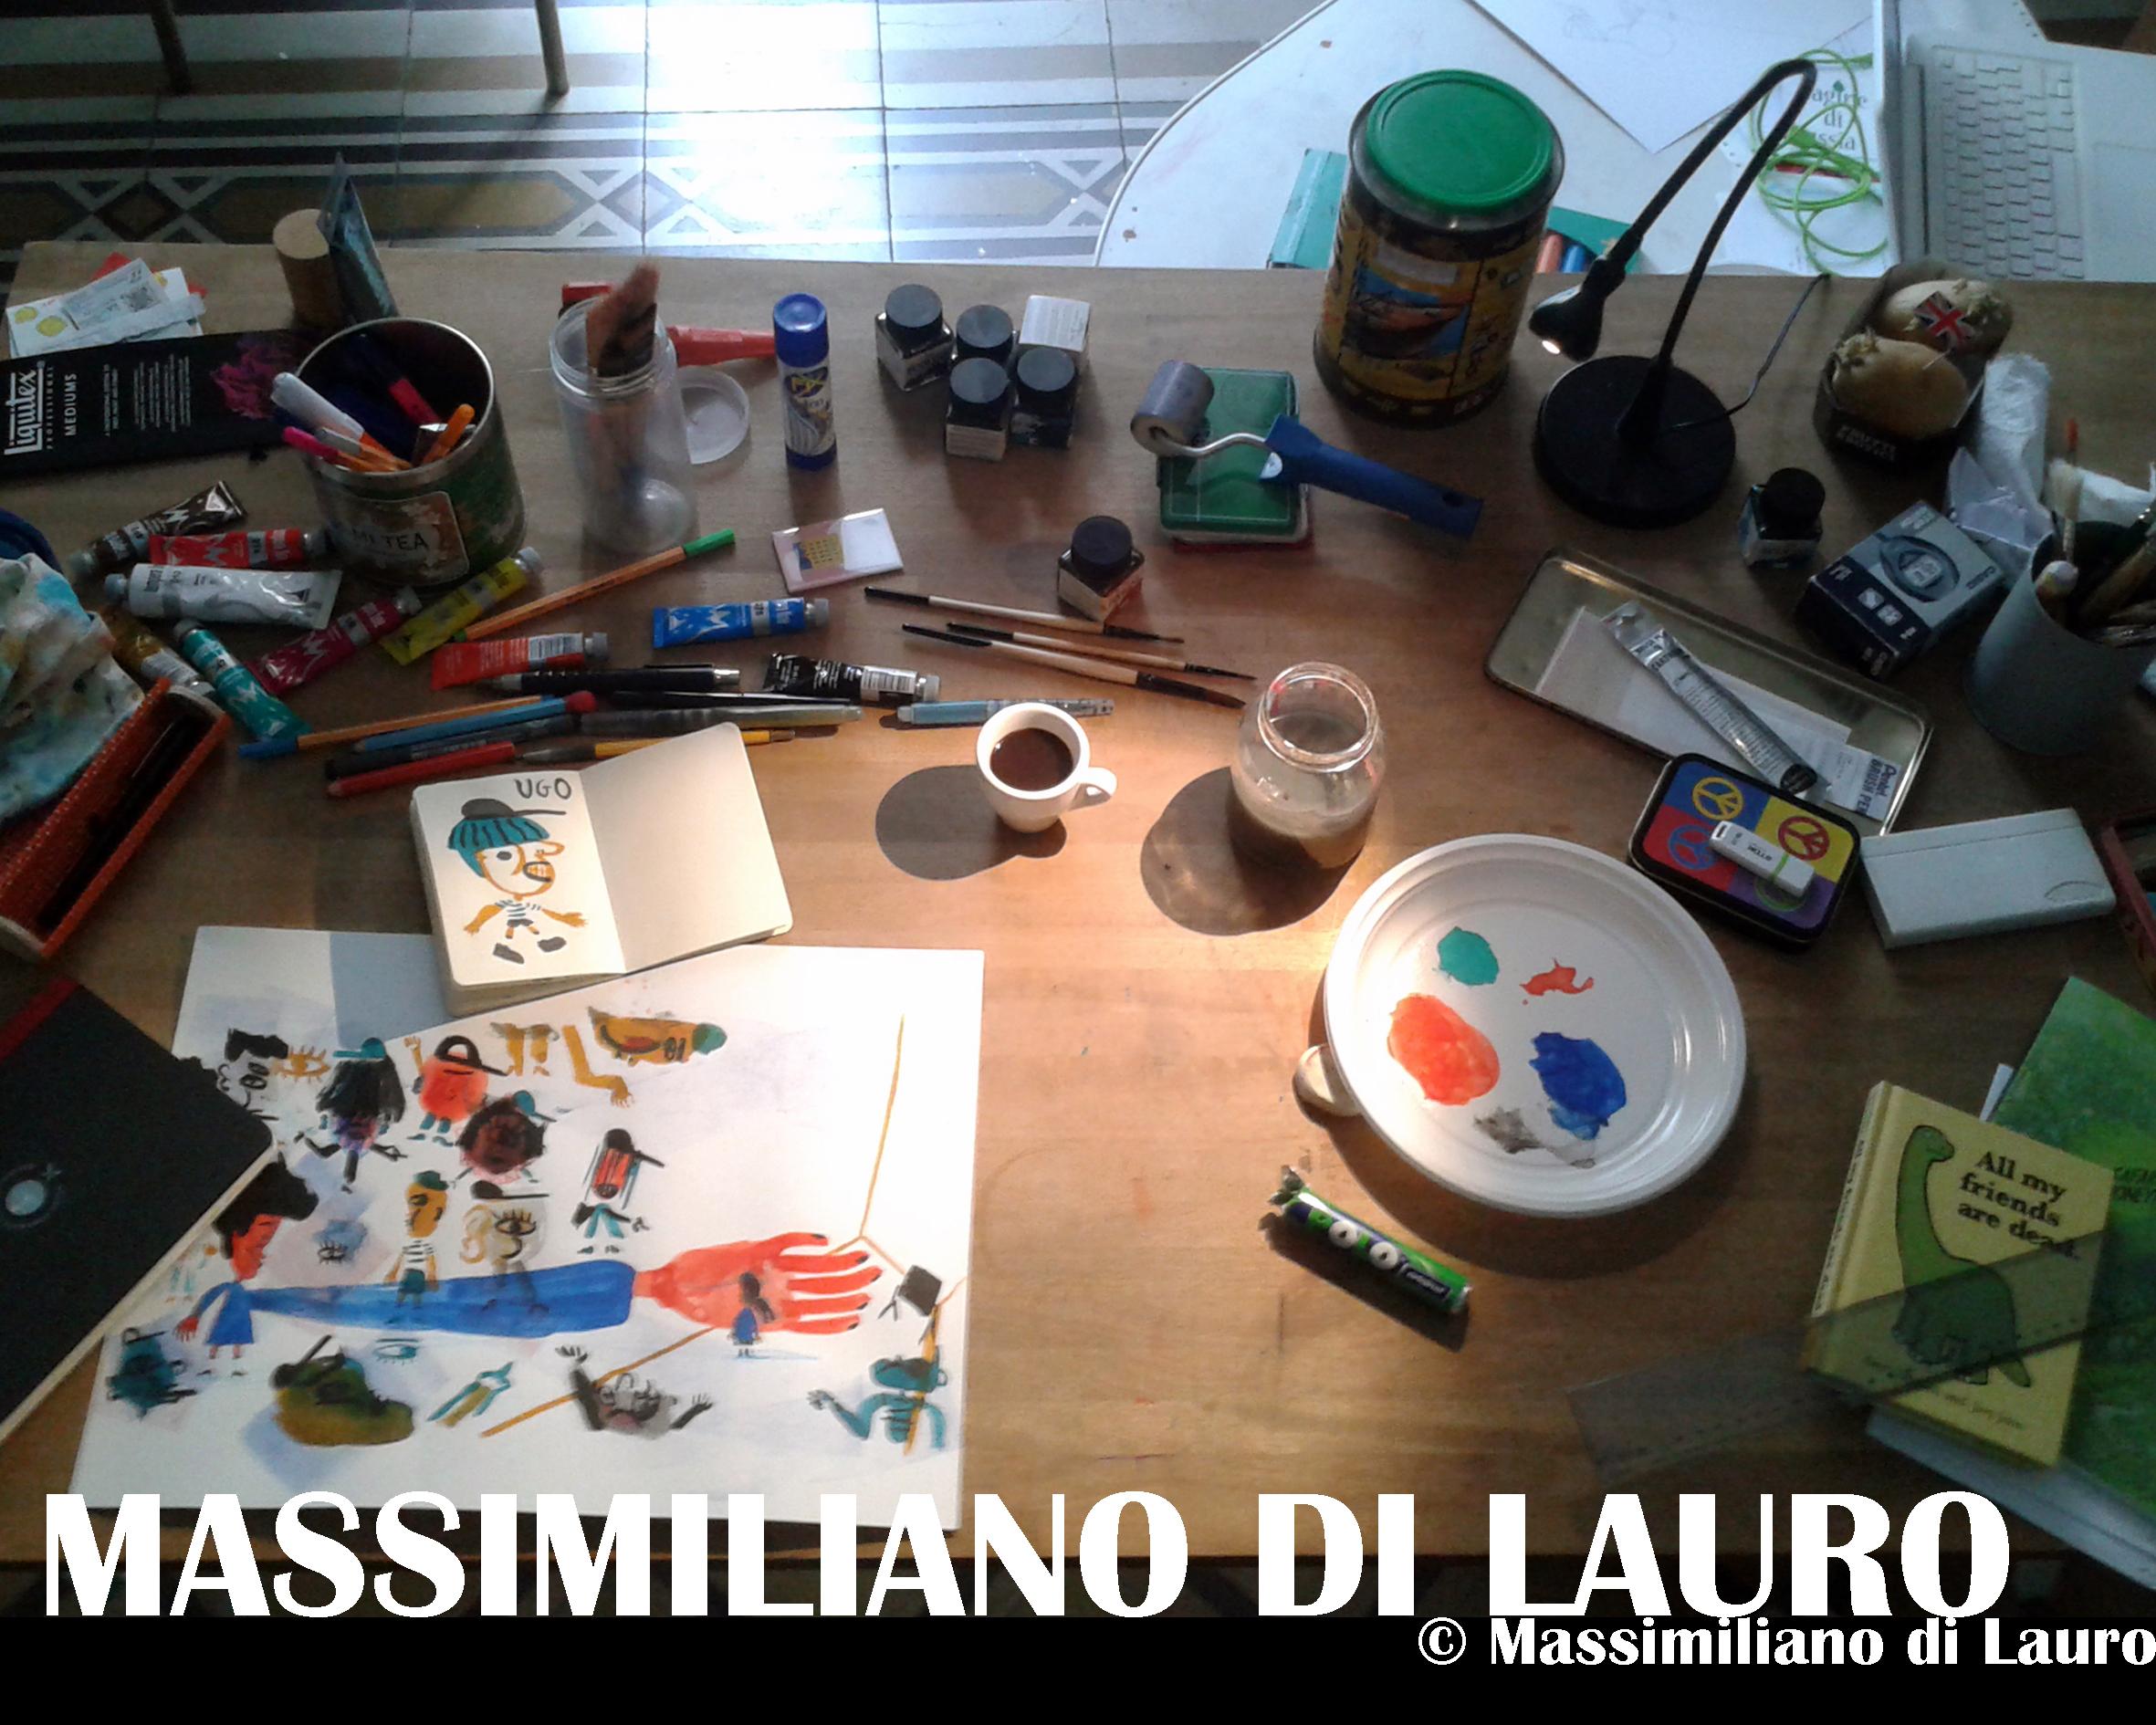 Massimiliano Di Lauro